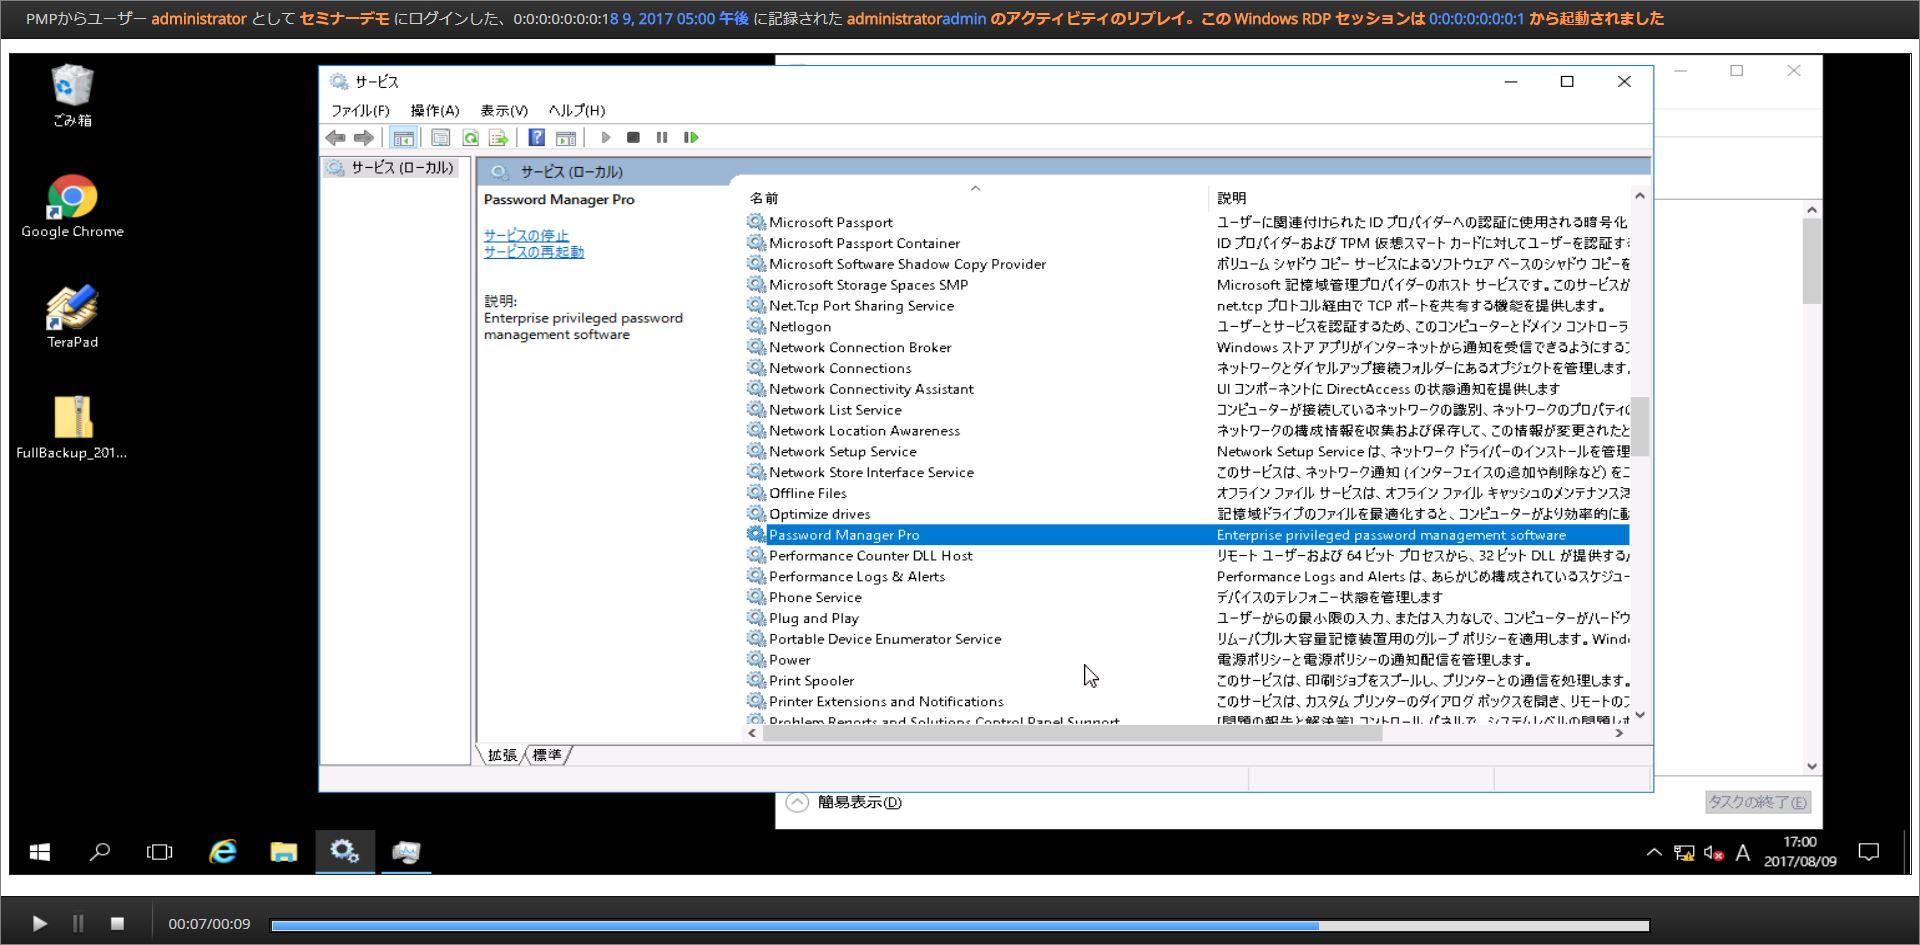 図3:Password Manager Pro セッションレコーディング画面